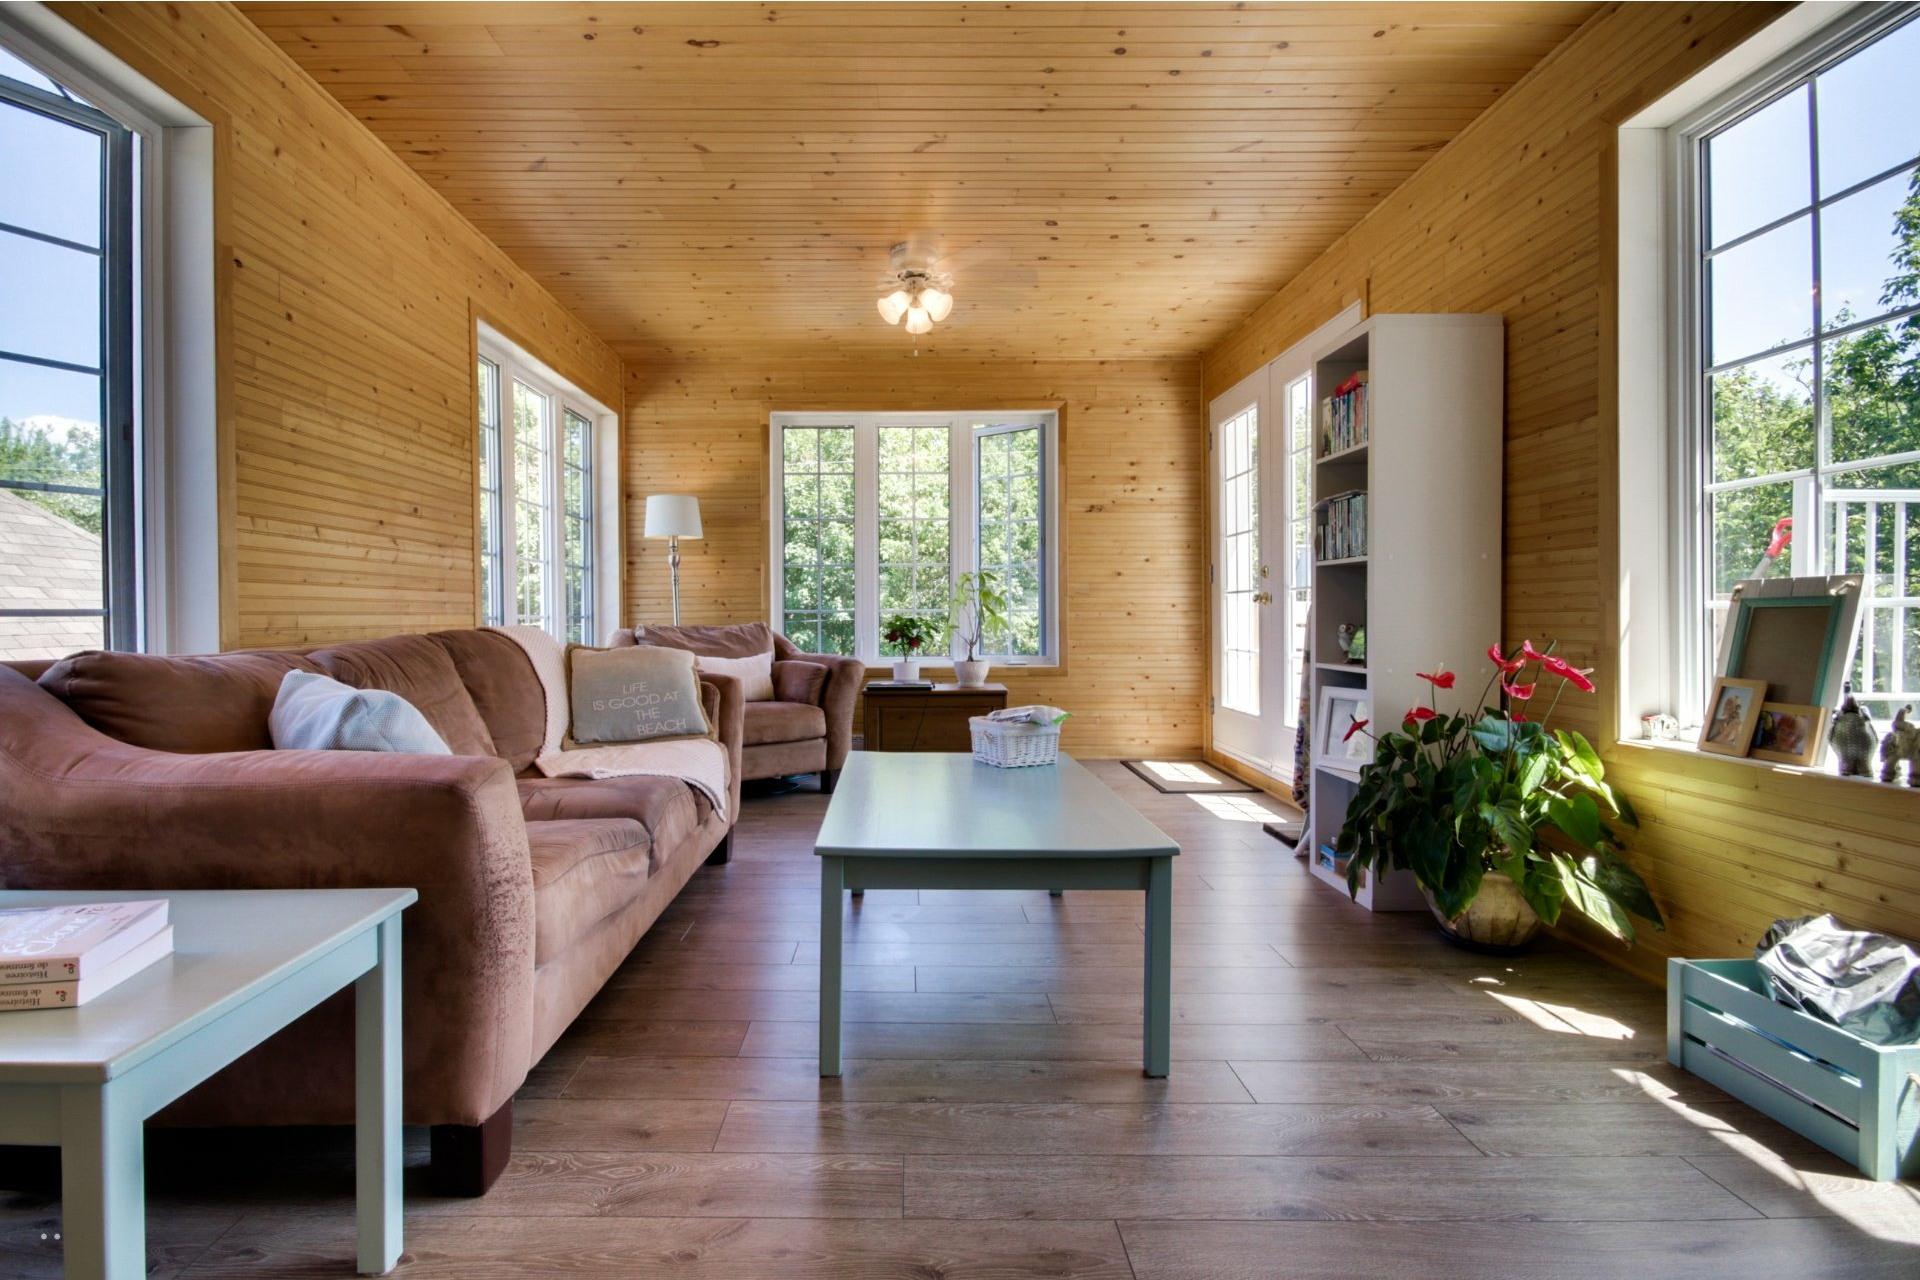 image 34 - Maison À vendre Trois-Rivières